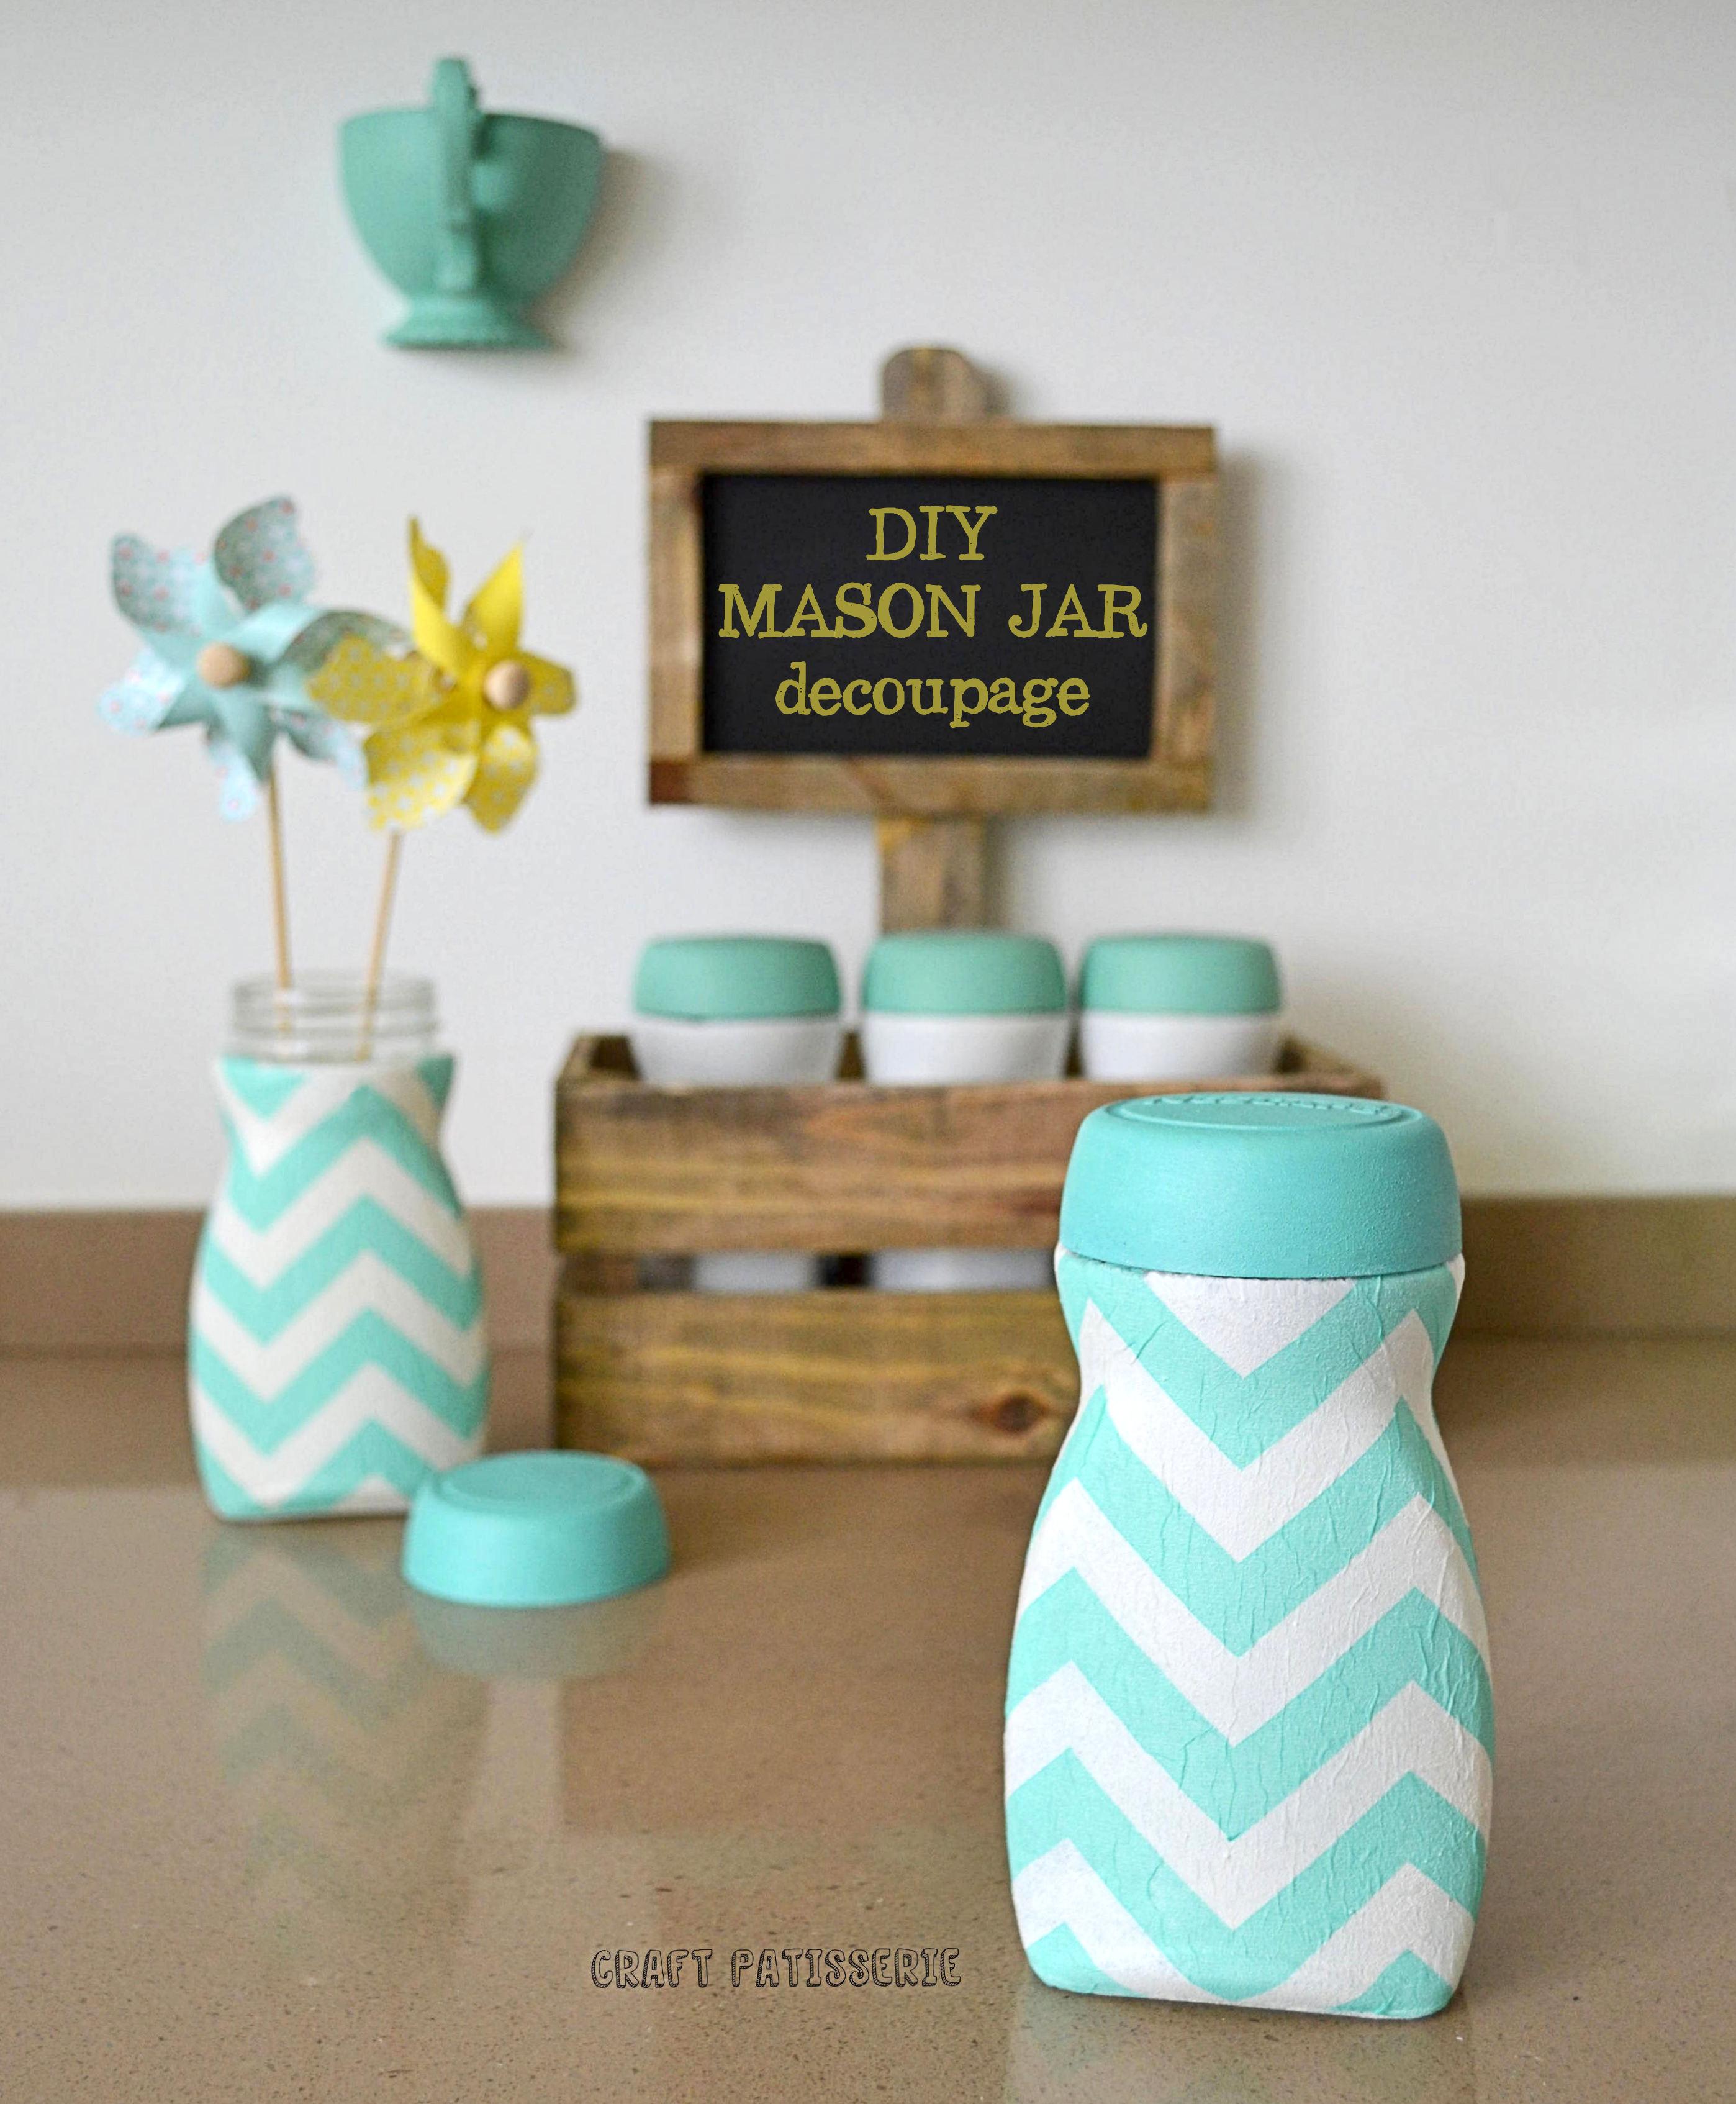 DIY decoupage chevron mason jar - un'altra idea di recupero creativo semplice e veloce